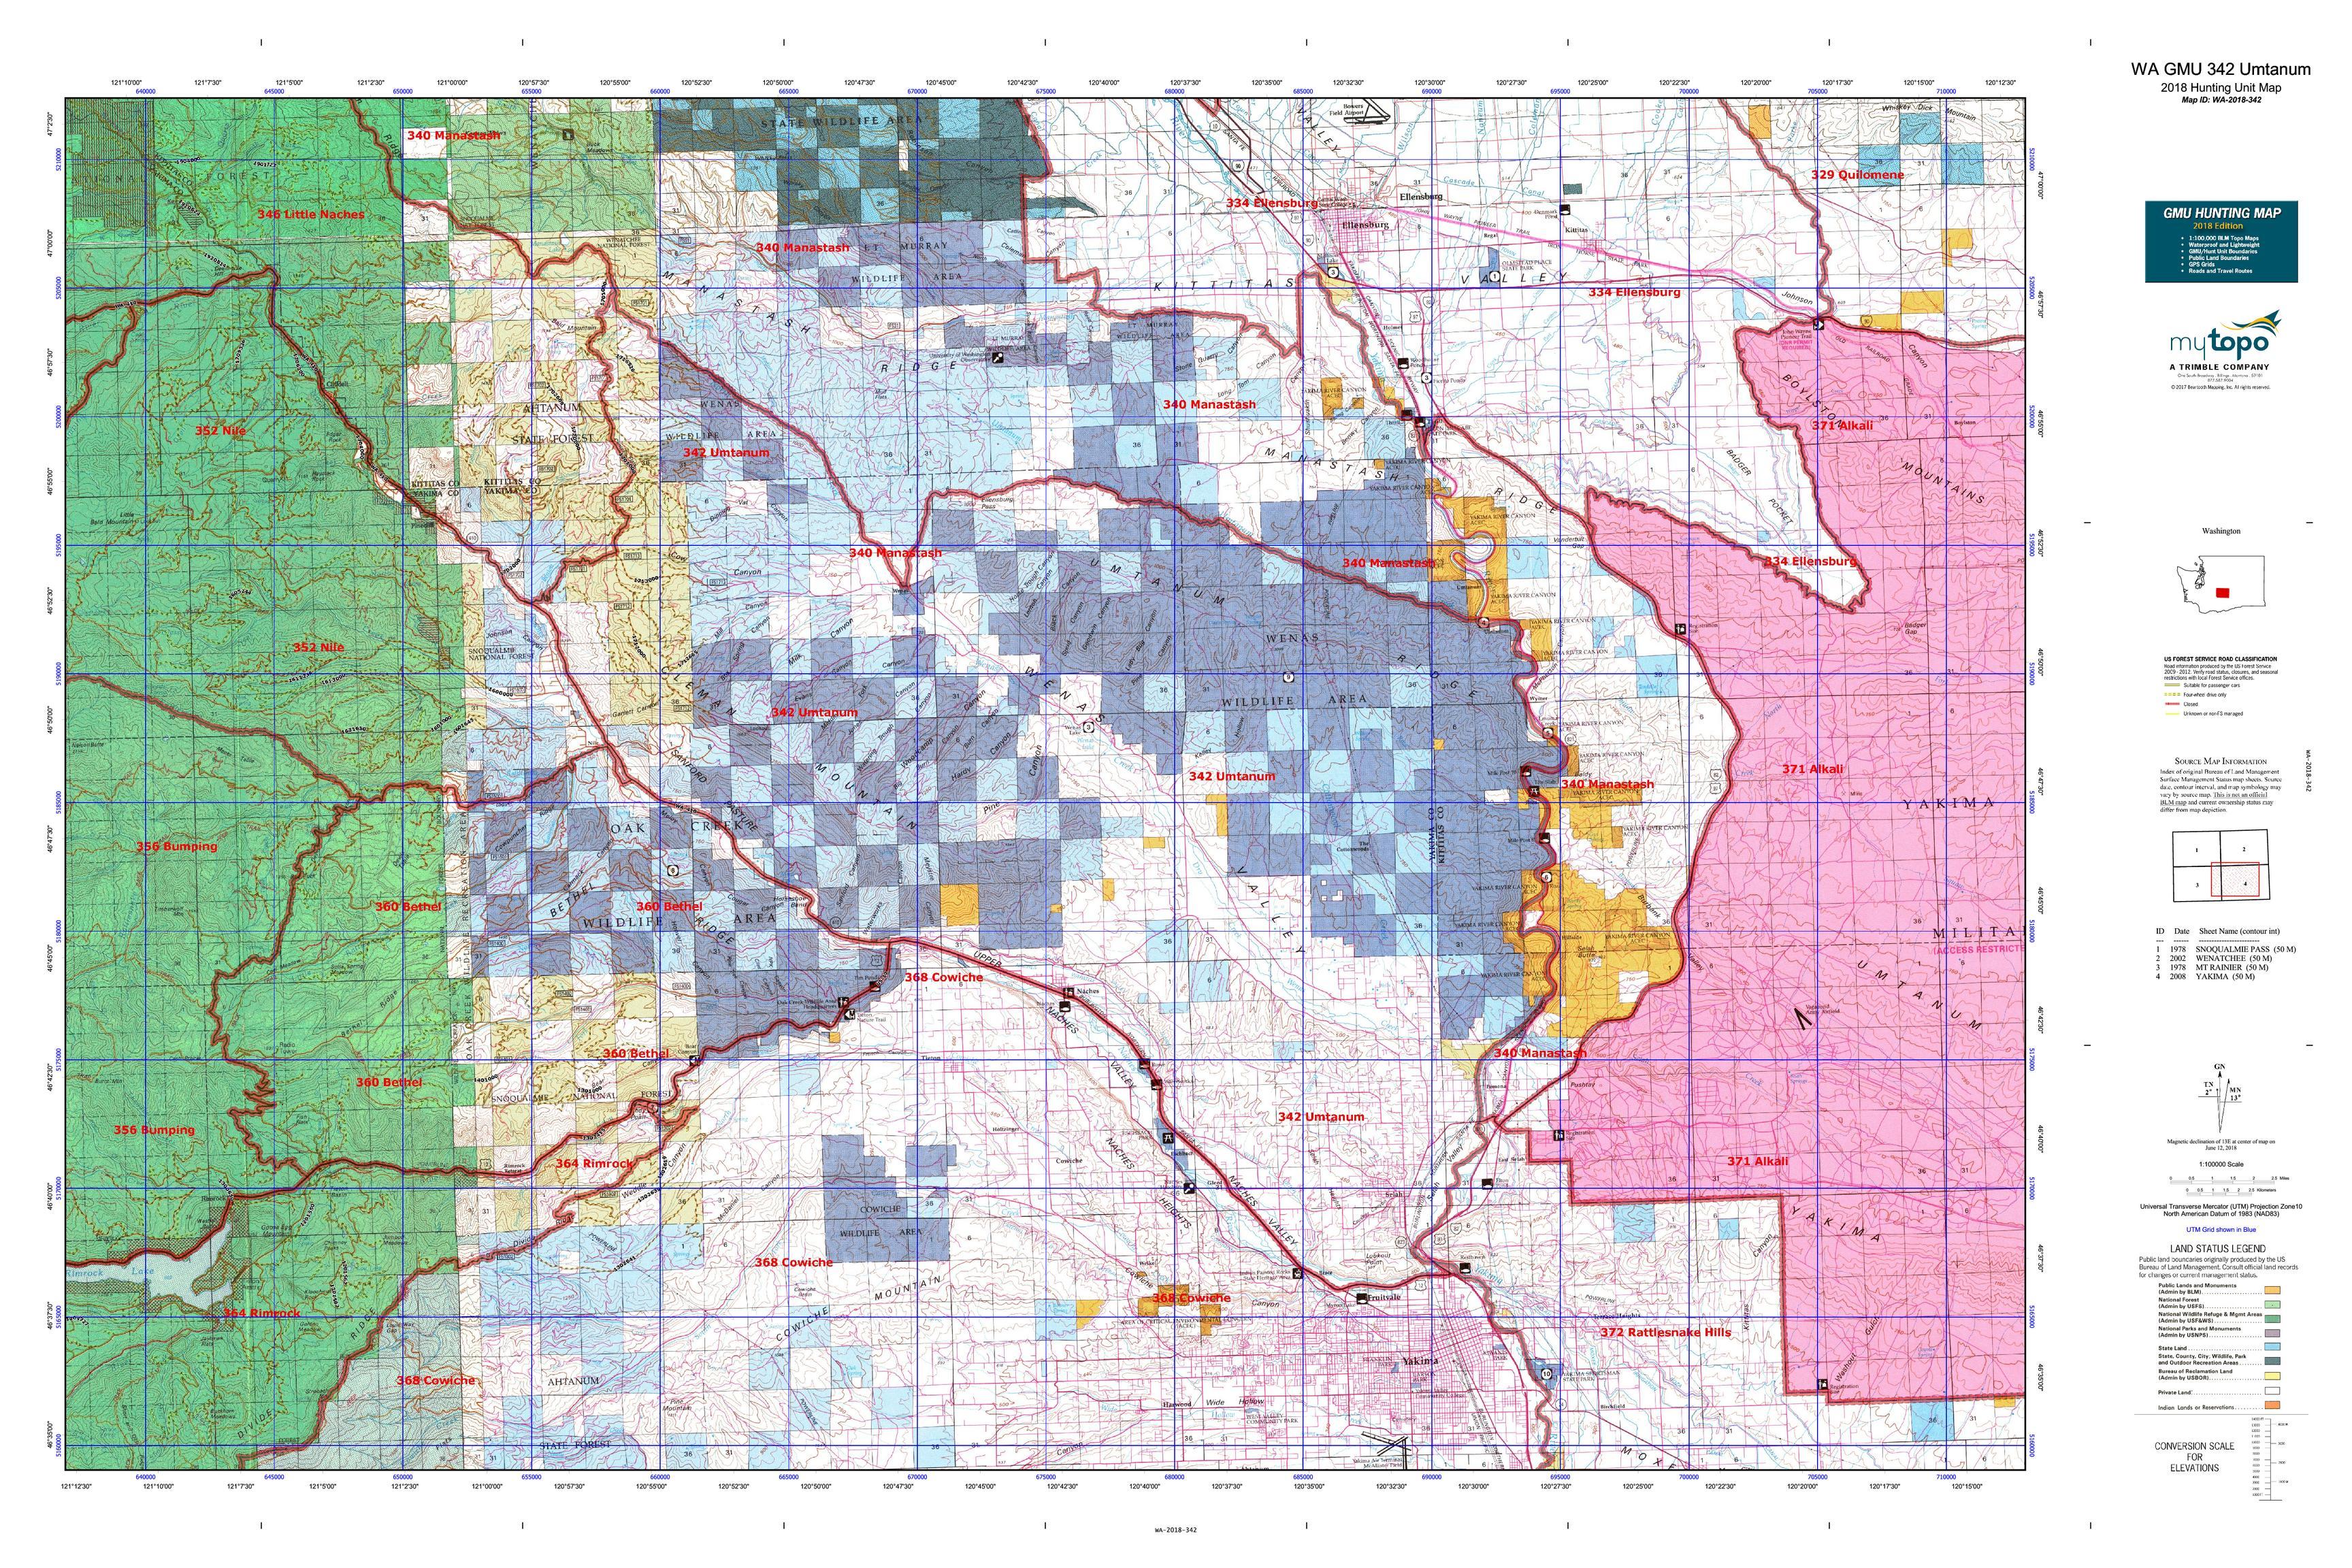 WA GMU 342 Umtanum Map | MyTopo